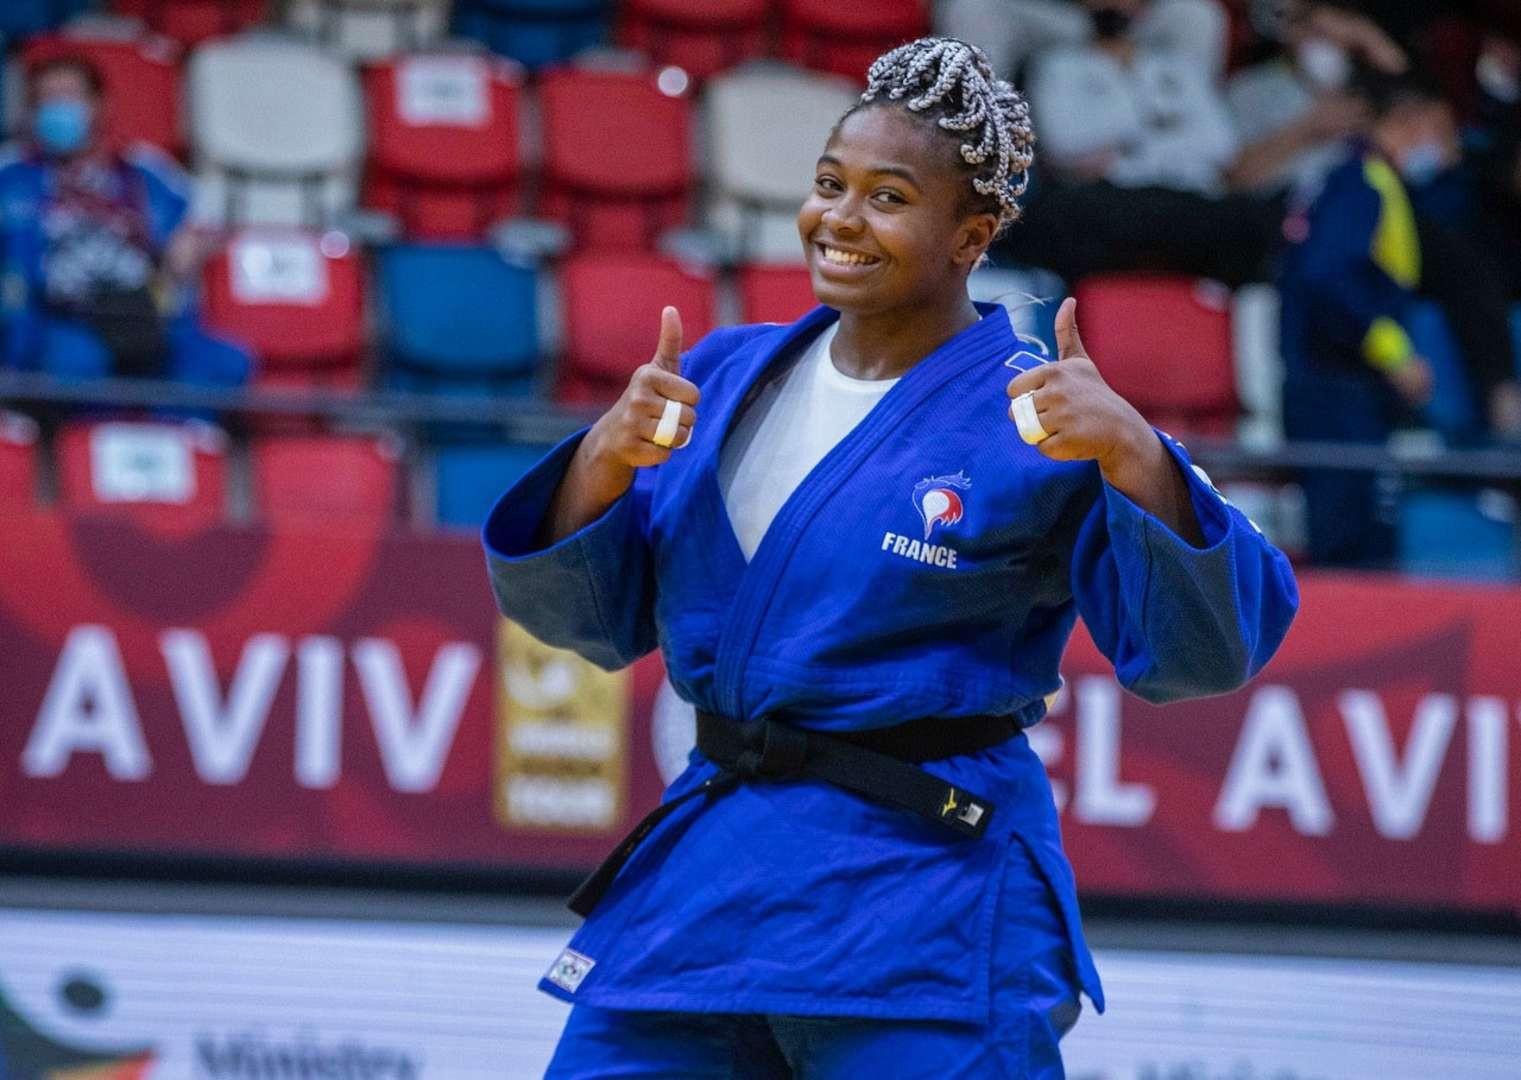 Romane Dicko frança grand slam tel aviv judo brasil